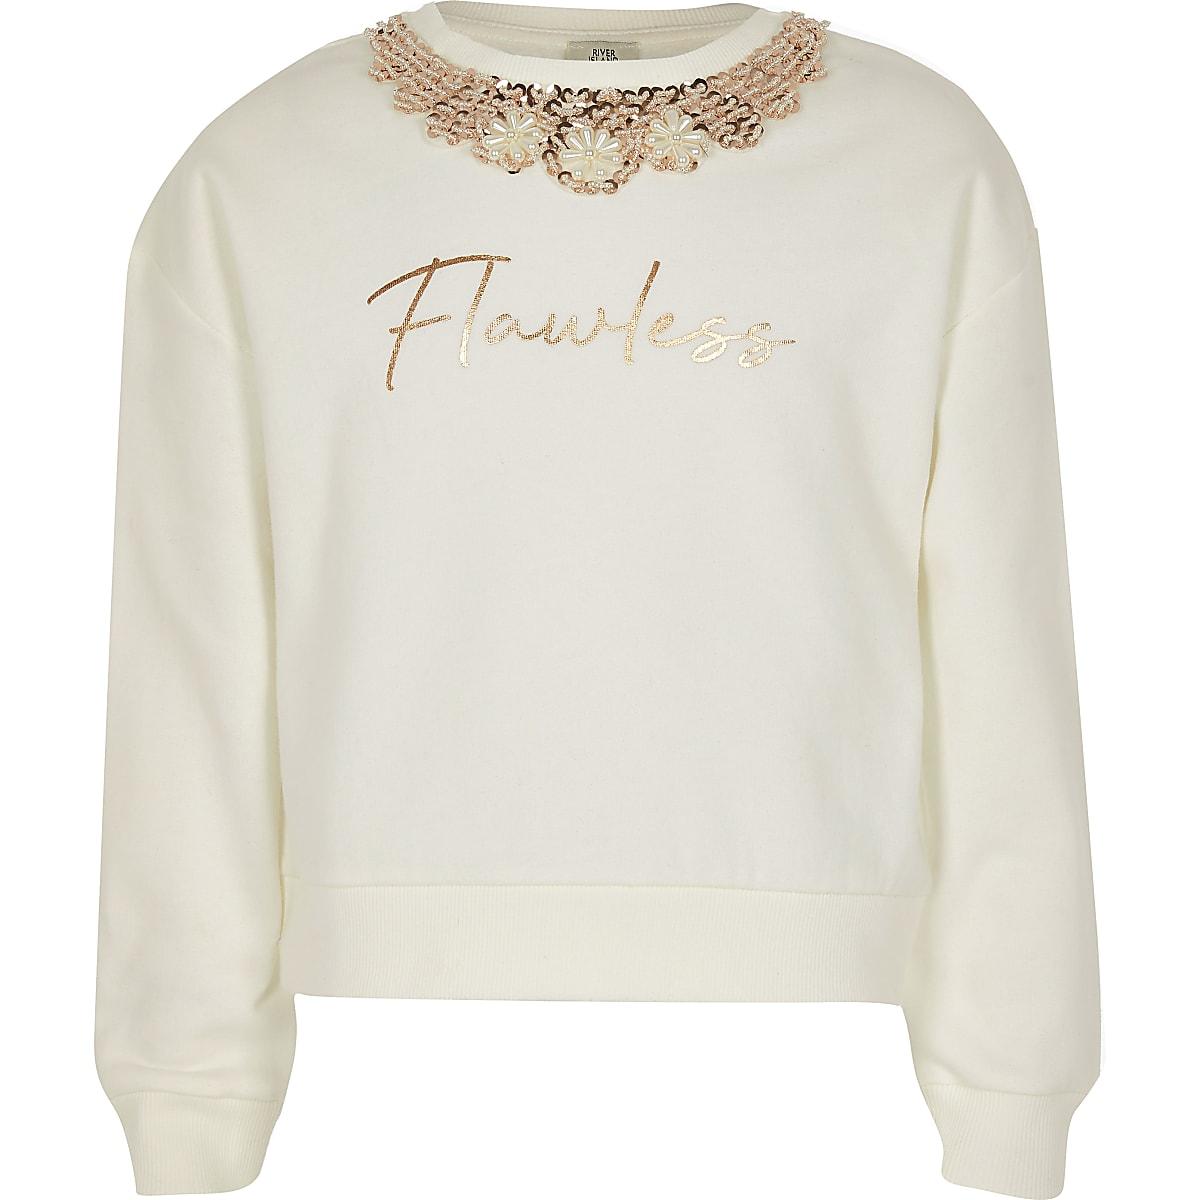 Crèmekleurig verfraaid sweatshirt met flawless-tekst voor meisjes